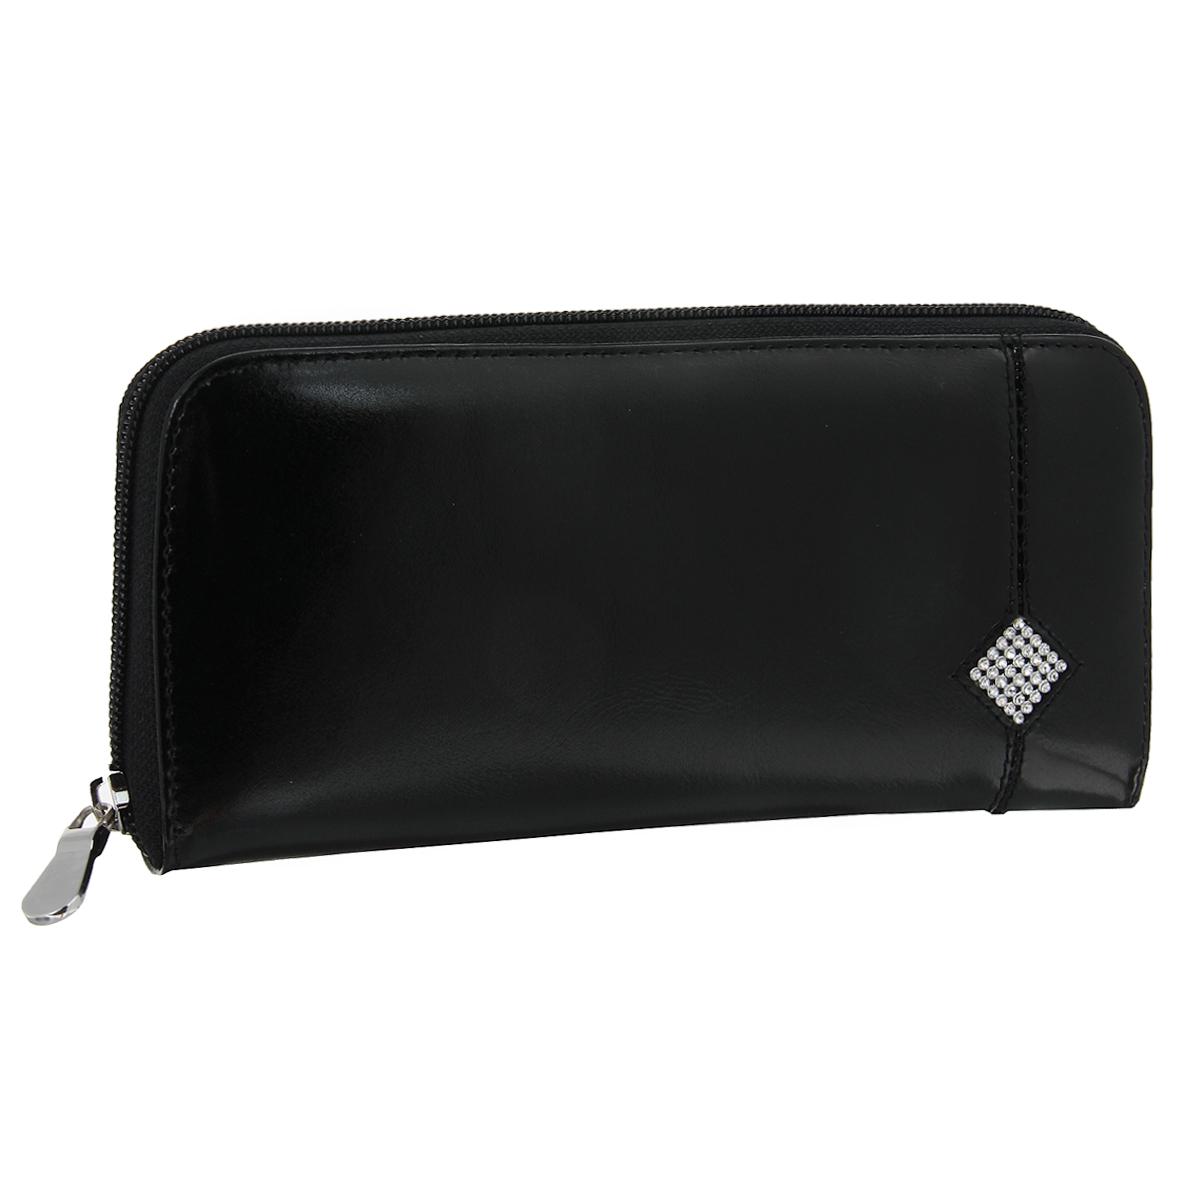 Портмоне женское Dimanche Daimond, цвет: черный. 175INT-06501Стильное женское портмоне Dimanche Daimond изготовлено из натуральной лакированной кожи. Закрывается на застежку-молнию.Внутри содержится 4 вместительных отделения для купюр, карман на молнии для мелочи, 6 кармашков для пластиковых карт и 2 потайных кармашка для бумаг, один из которых закрывается на молнию. Внутренняя отделка выполнена из атласного полиэстера с узором. Оформлено изделие аппликацией из стразов в виде ромба. Фурнитура - серебристого цвета. Стильное портмоне отлично дополнит ваш образ и станет незаменимым аксессуаром на каждый день. Упаковано в фирменную картонную коробку.